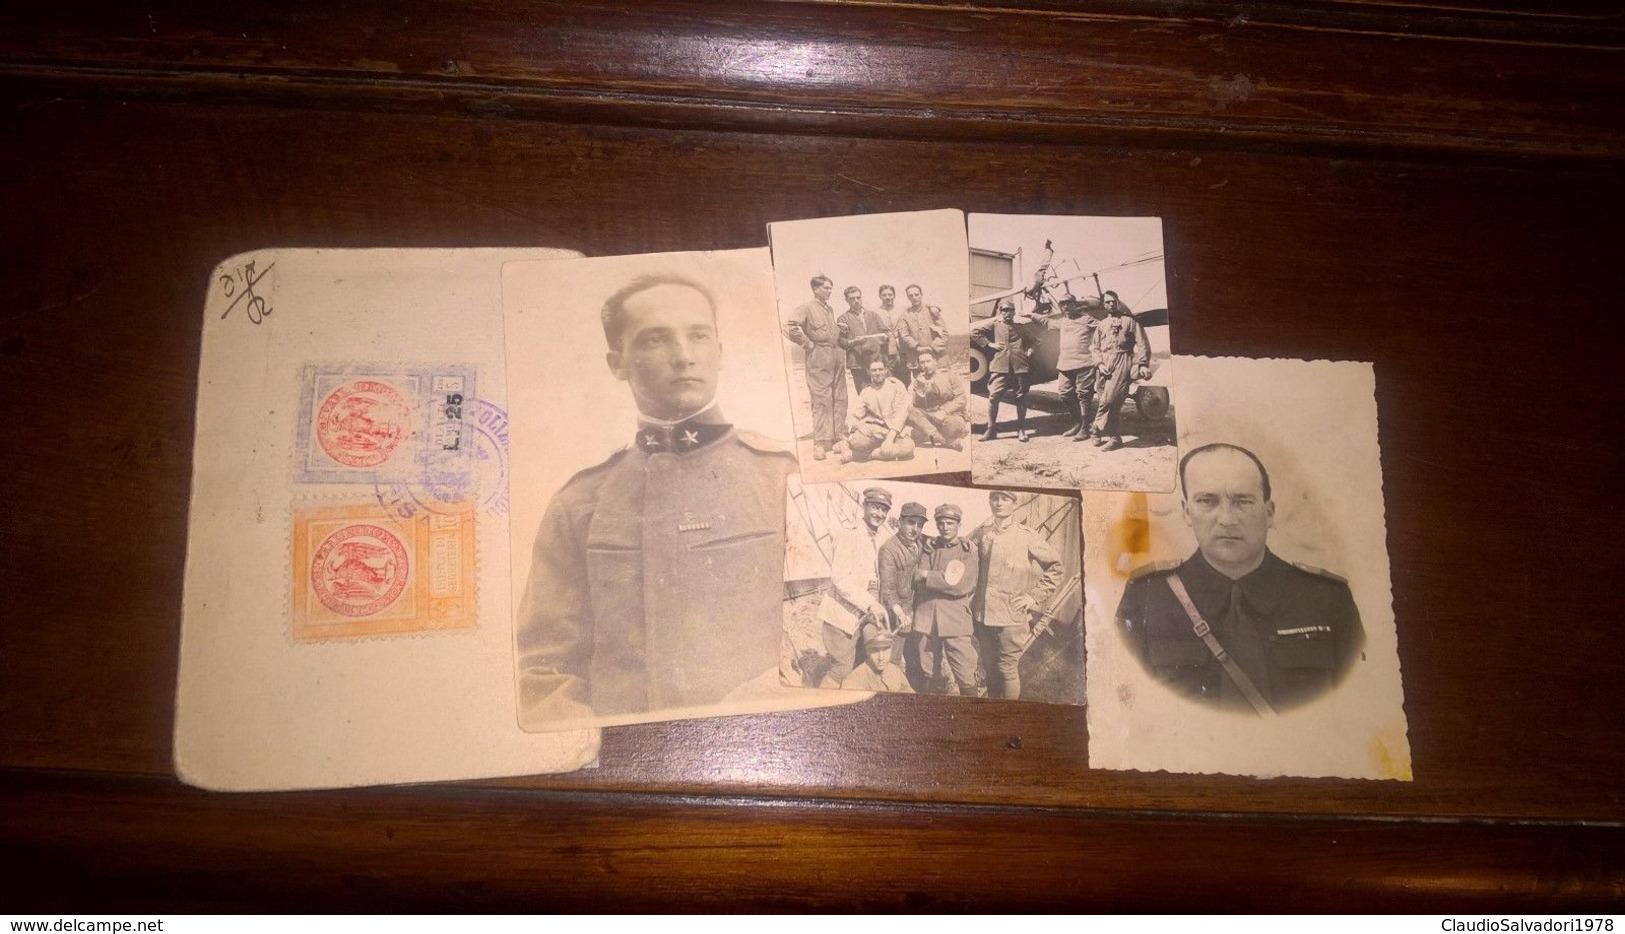 5 Foto Militari Camice Nere Aerei Unico Militare MVSN WWII Leggi Dettagli - Guerra, Militari